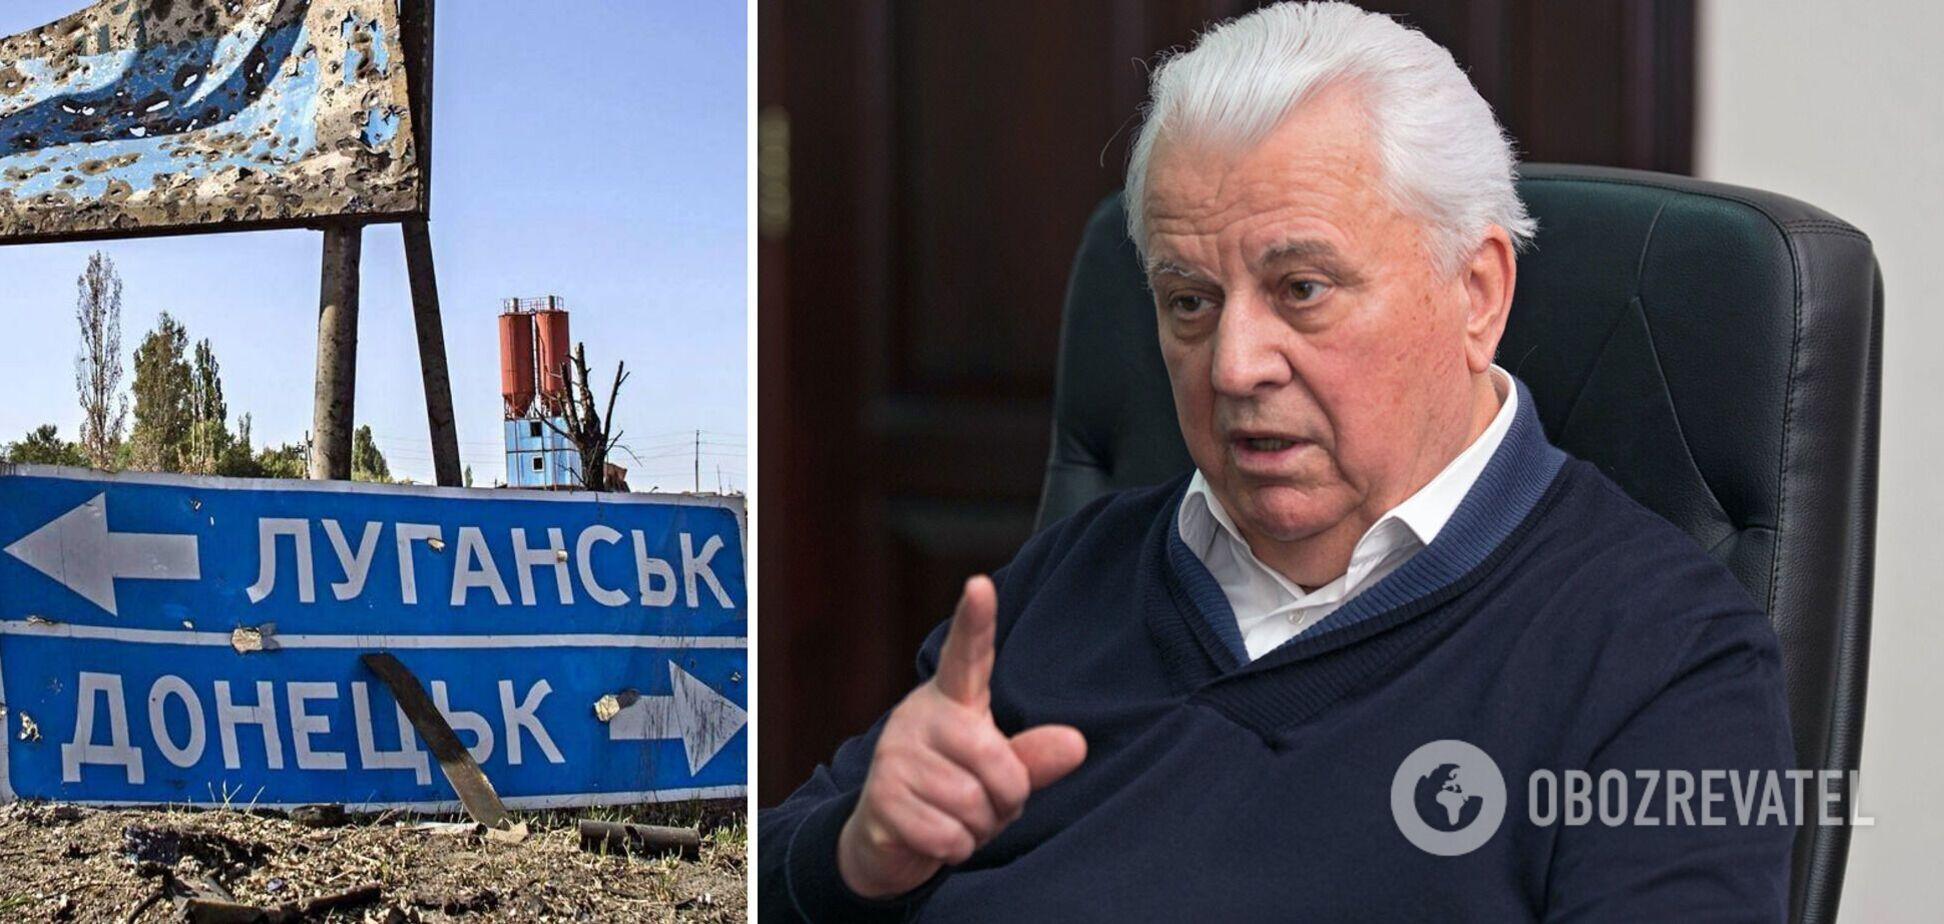 Кравчук – на заседании ТКГ: заявления 'ДНР' расцениваем как срыв Минских соглашений